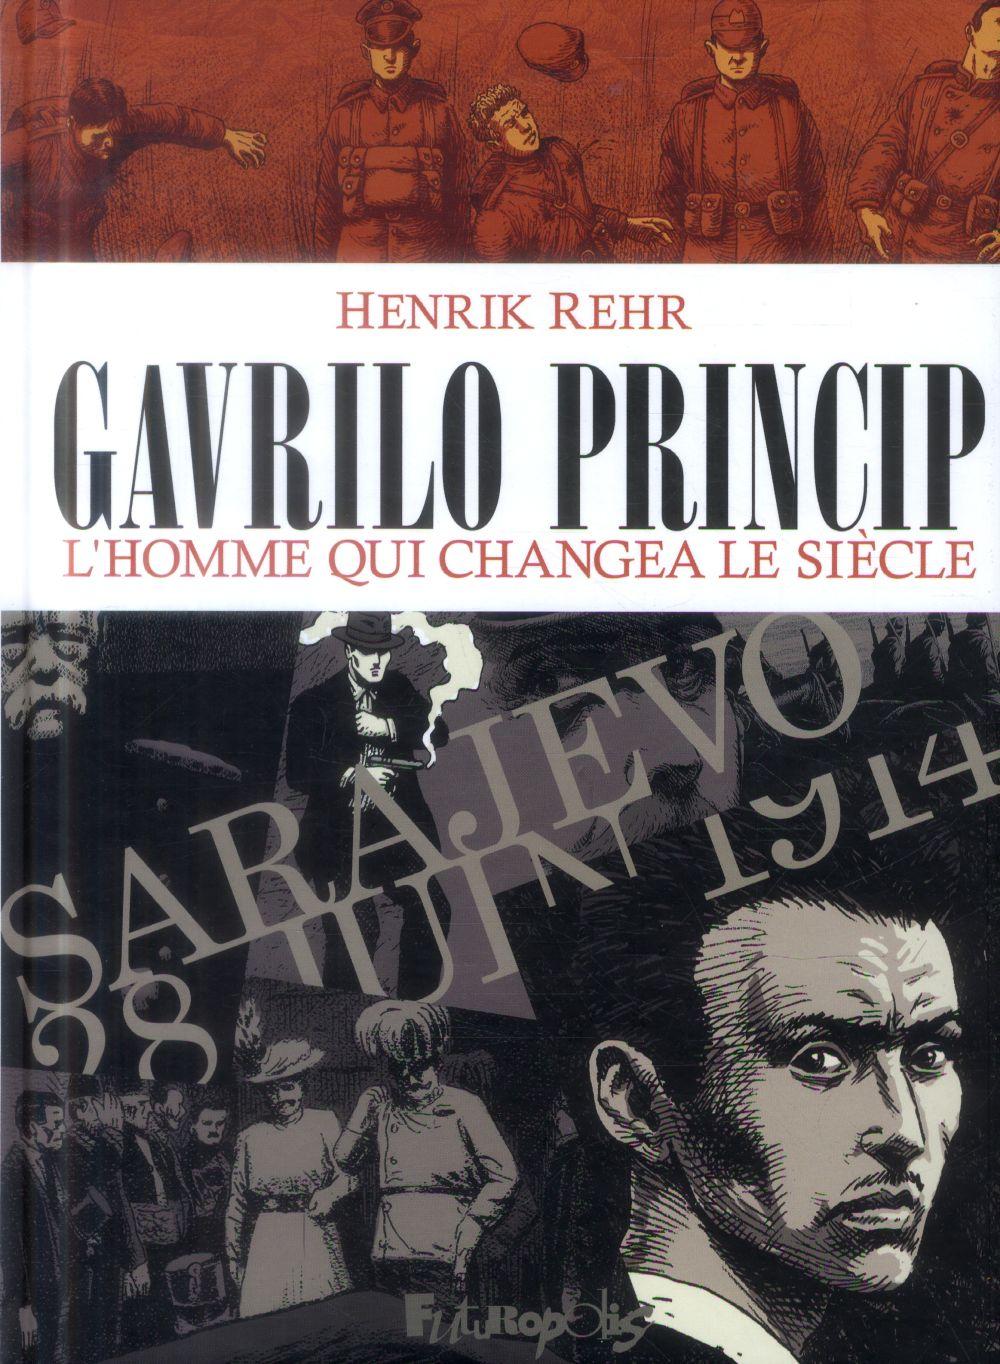 GAVRILO PRINCIP L'HOMME QUI CHANGEA LE SIECLE